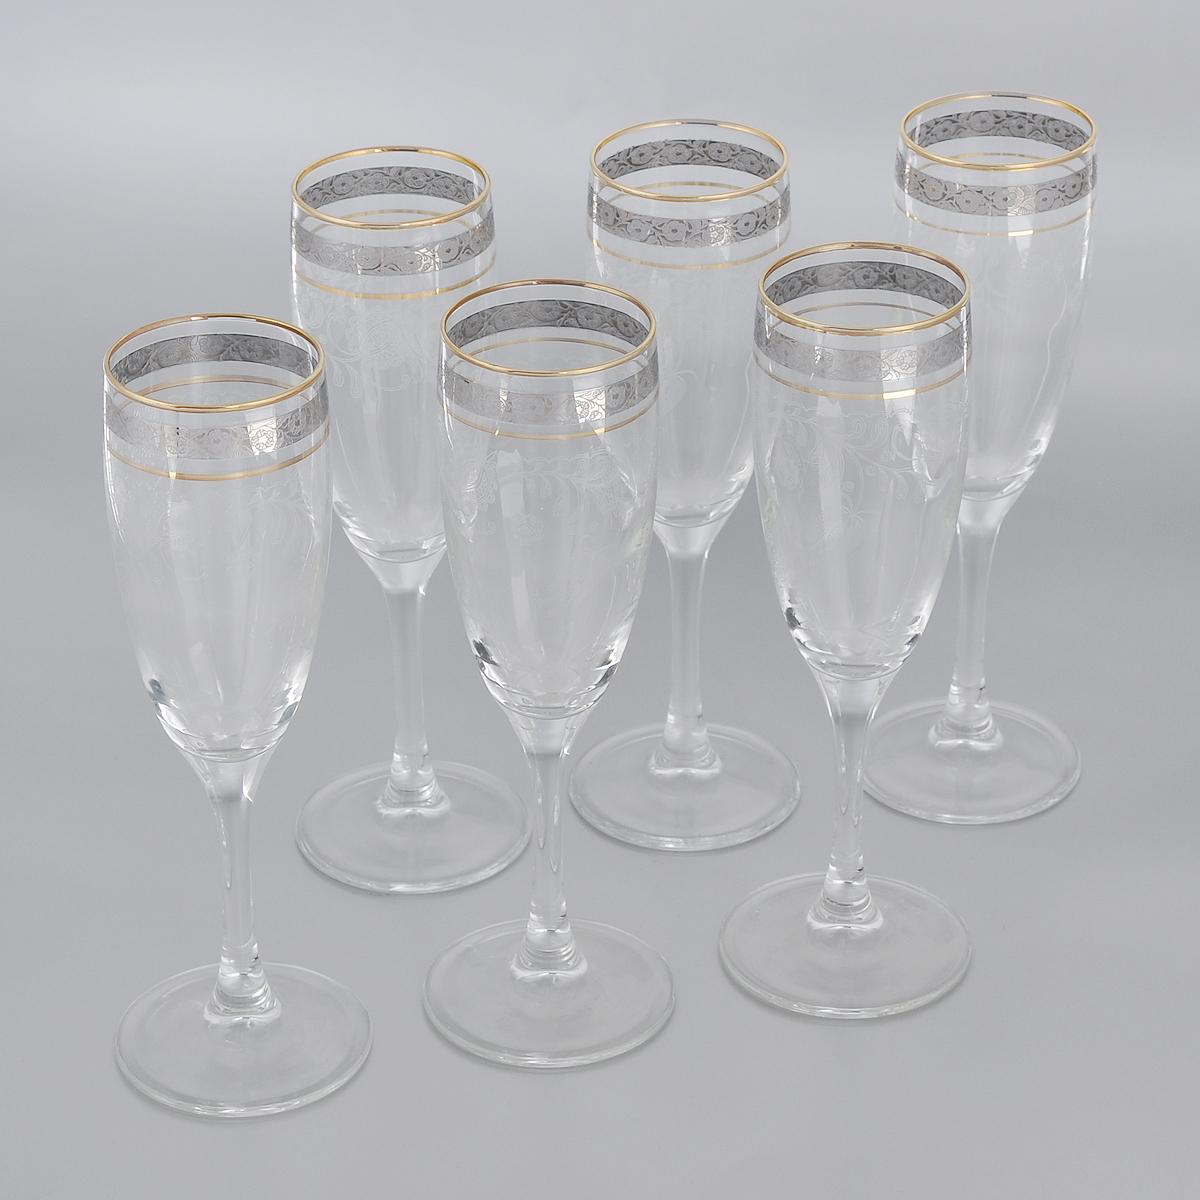 Набор бокалов Гусь-Хрустальный Нежность, 170 мл, 6 штVT-1520(SR)Набор Гусь-Хрустальный Нежность состоит из 6 бокалов на длинных тонких ножках, изготовленных из высококачественного натрий-кальций-силикатного стекла. Изделия оформлены красивым зеркальным покрытием и прозрачным орнаментом. Бокалы предназначены для шампанского или вина. Такой набор прекрасно дополнит праздничный стол и станет желанным подарком в любом доме. Разрешается мыть в посудомоечной машине. Диаметр бокала (по верхнему краю): 5 см. Высота бокала: 20 см.